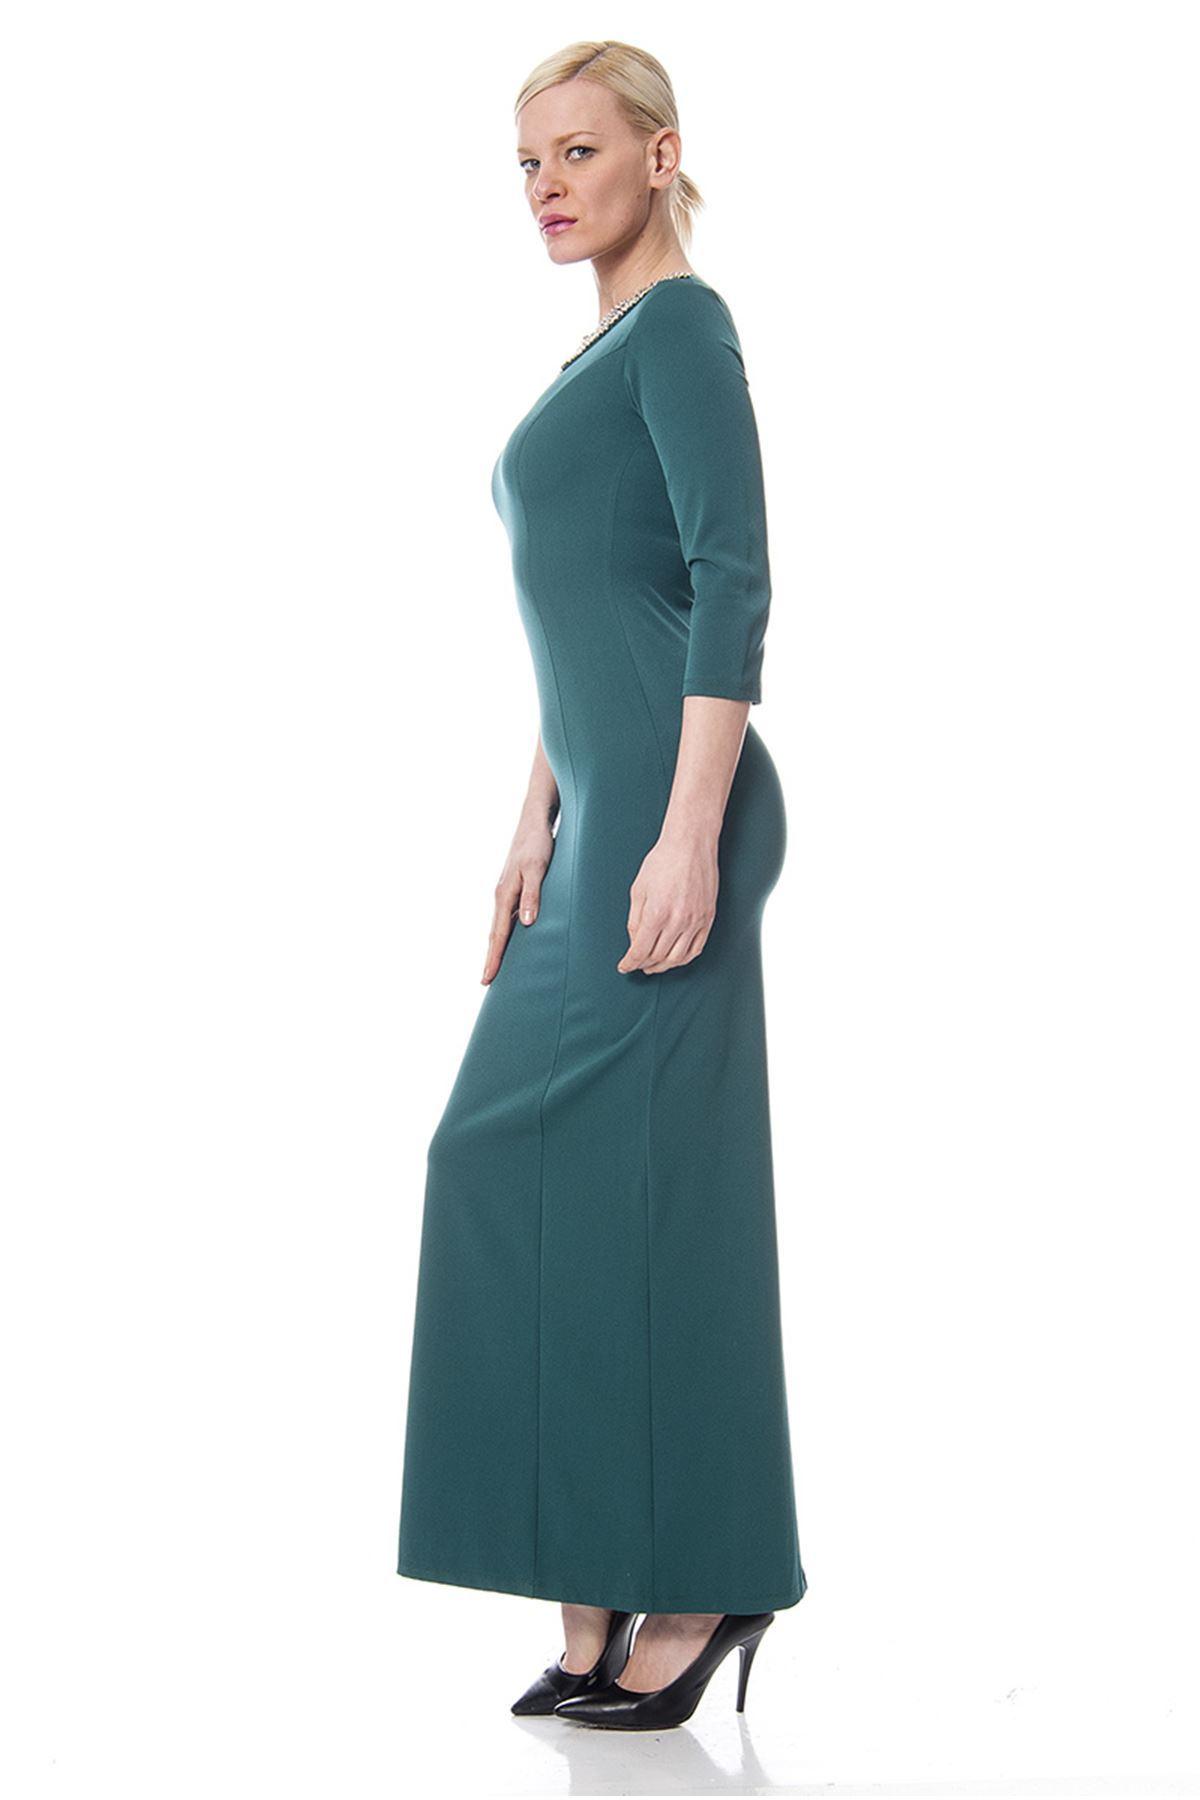 Yeşil Taş İşlemeli Elbise G9-113387